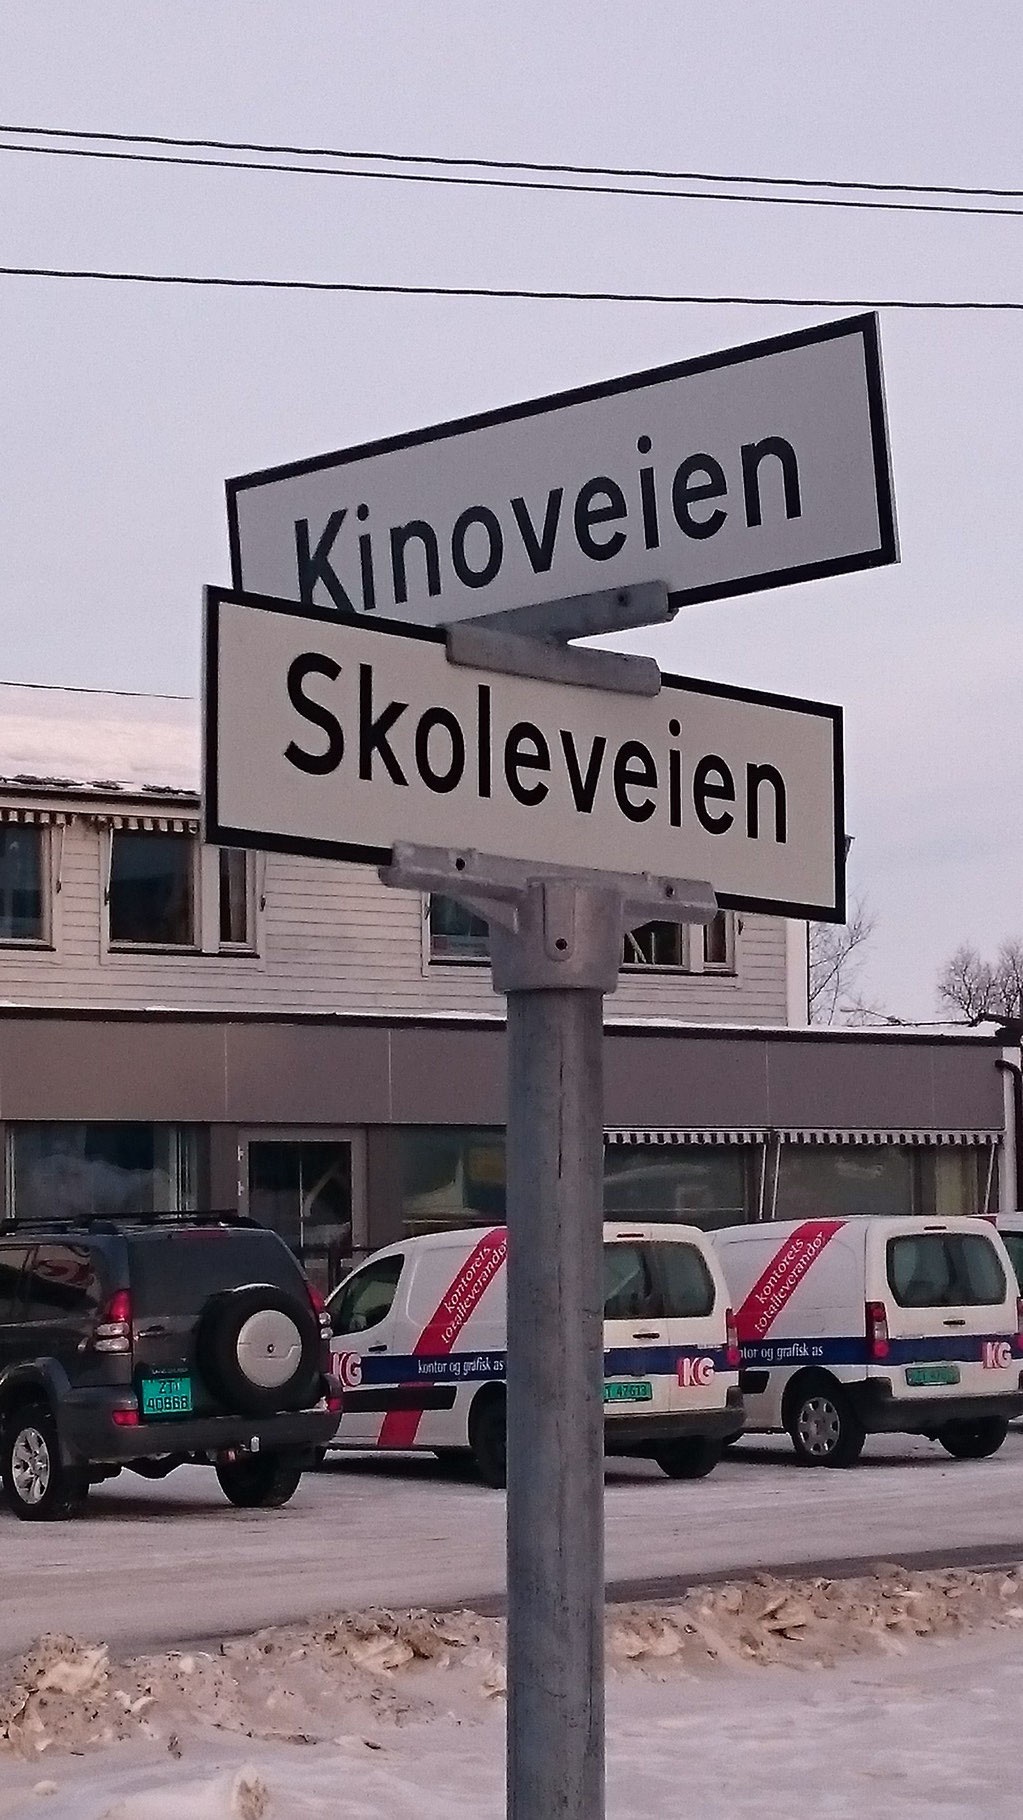 Noch Fragen? Norwegisch ist doch nicht so schwer wie gedacht.